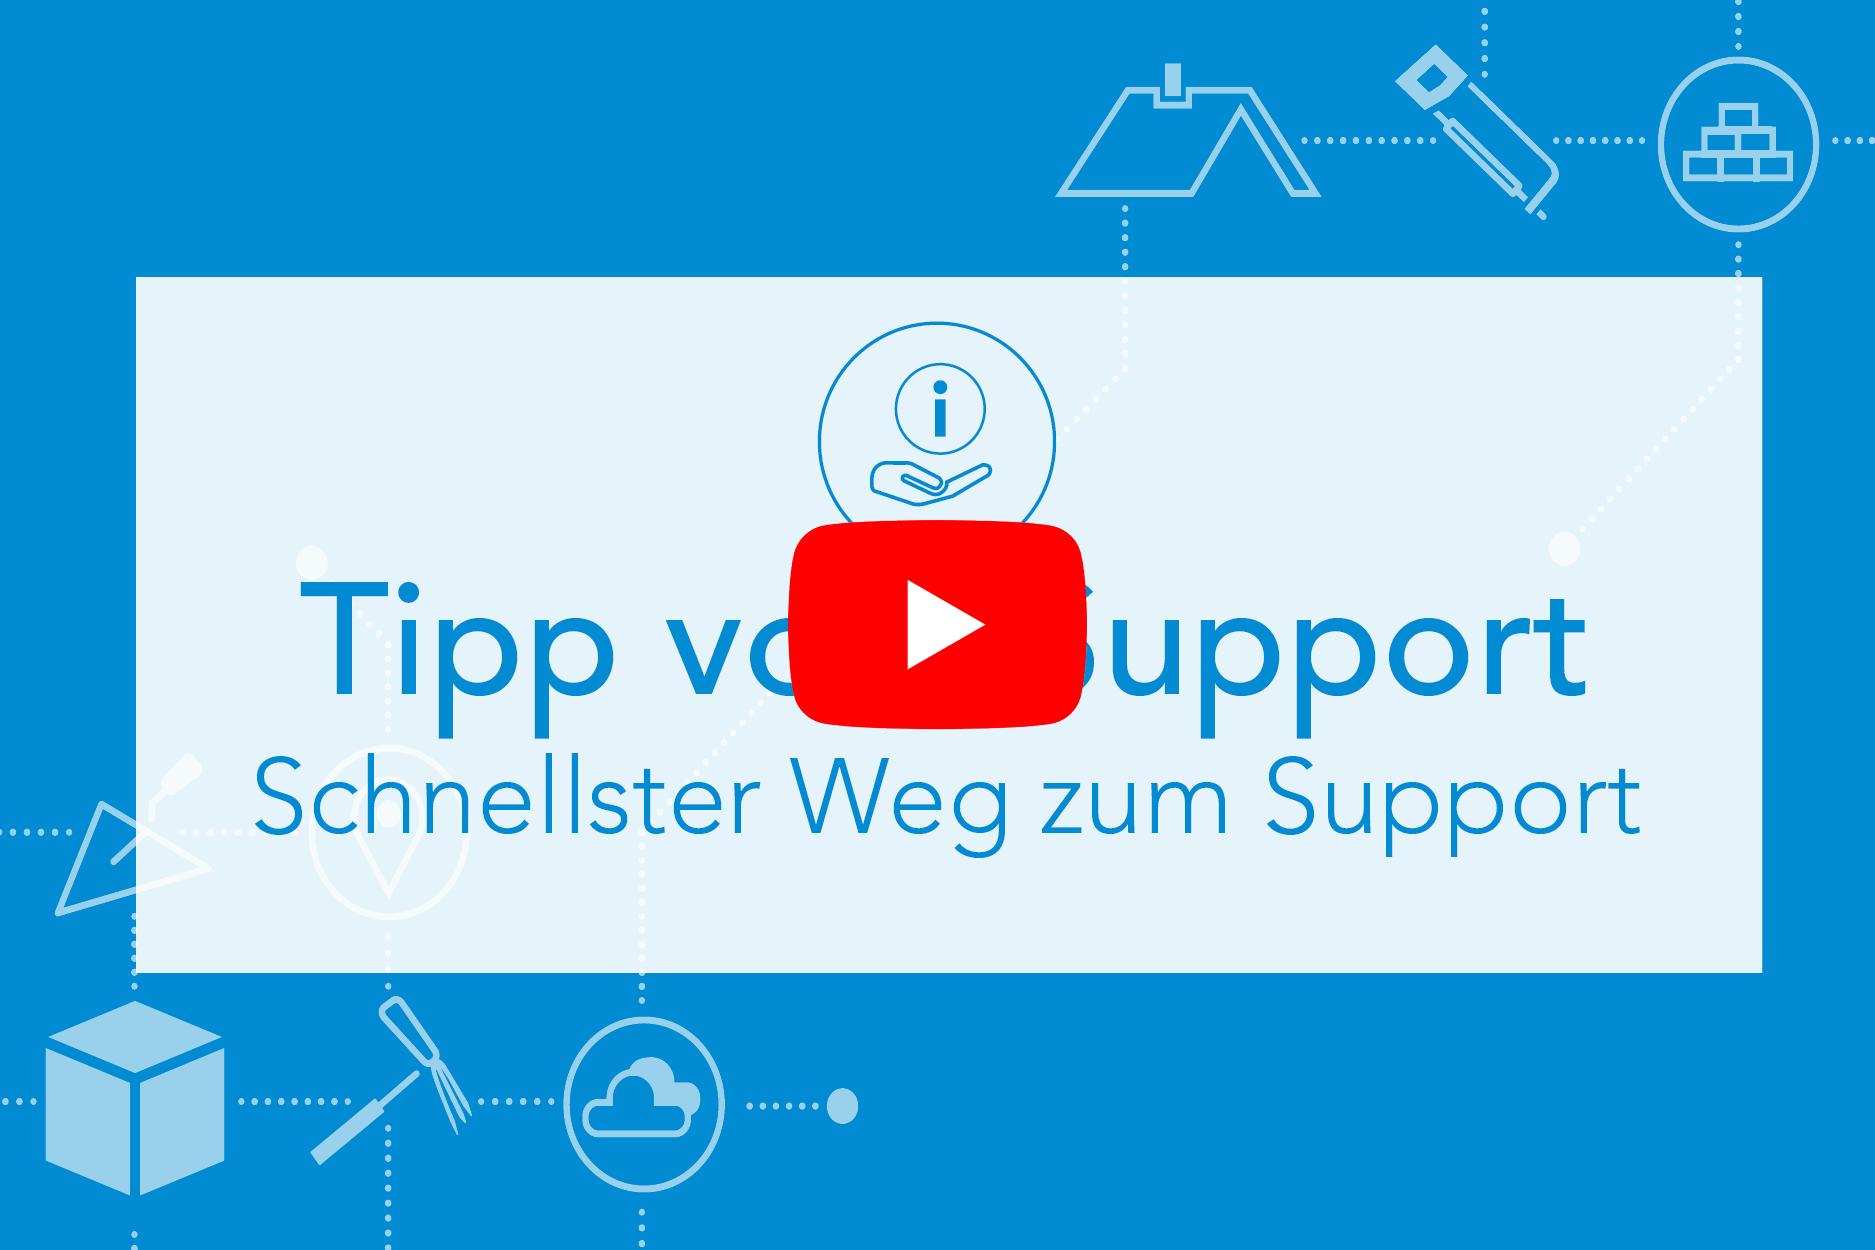 schnellster-weg-zum-support-tvs